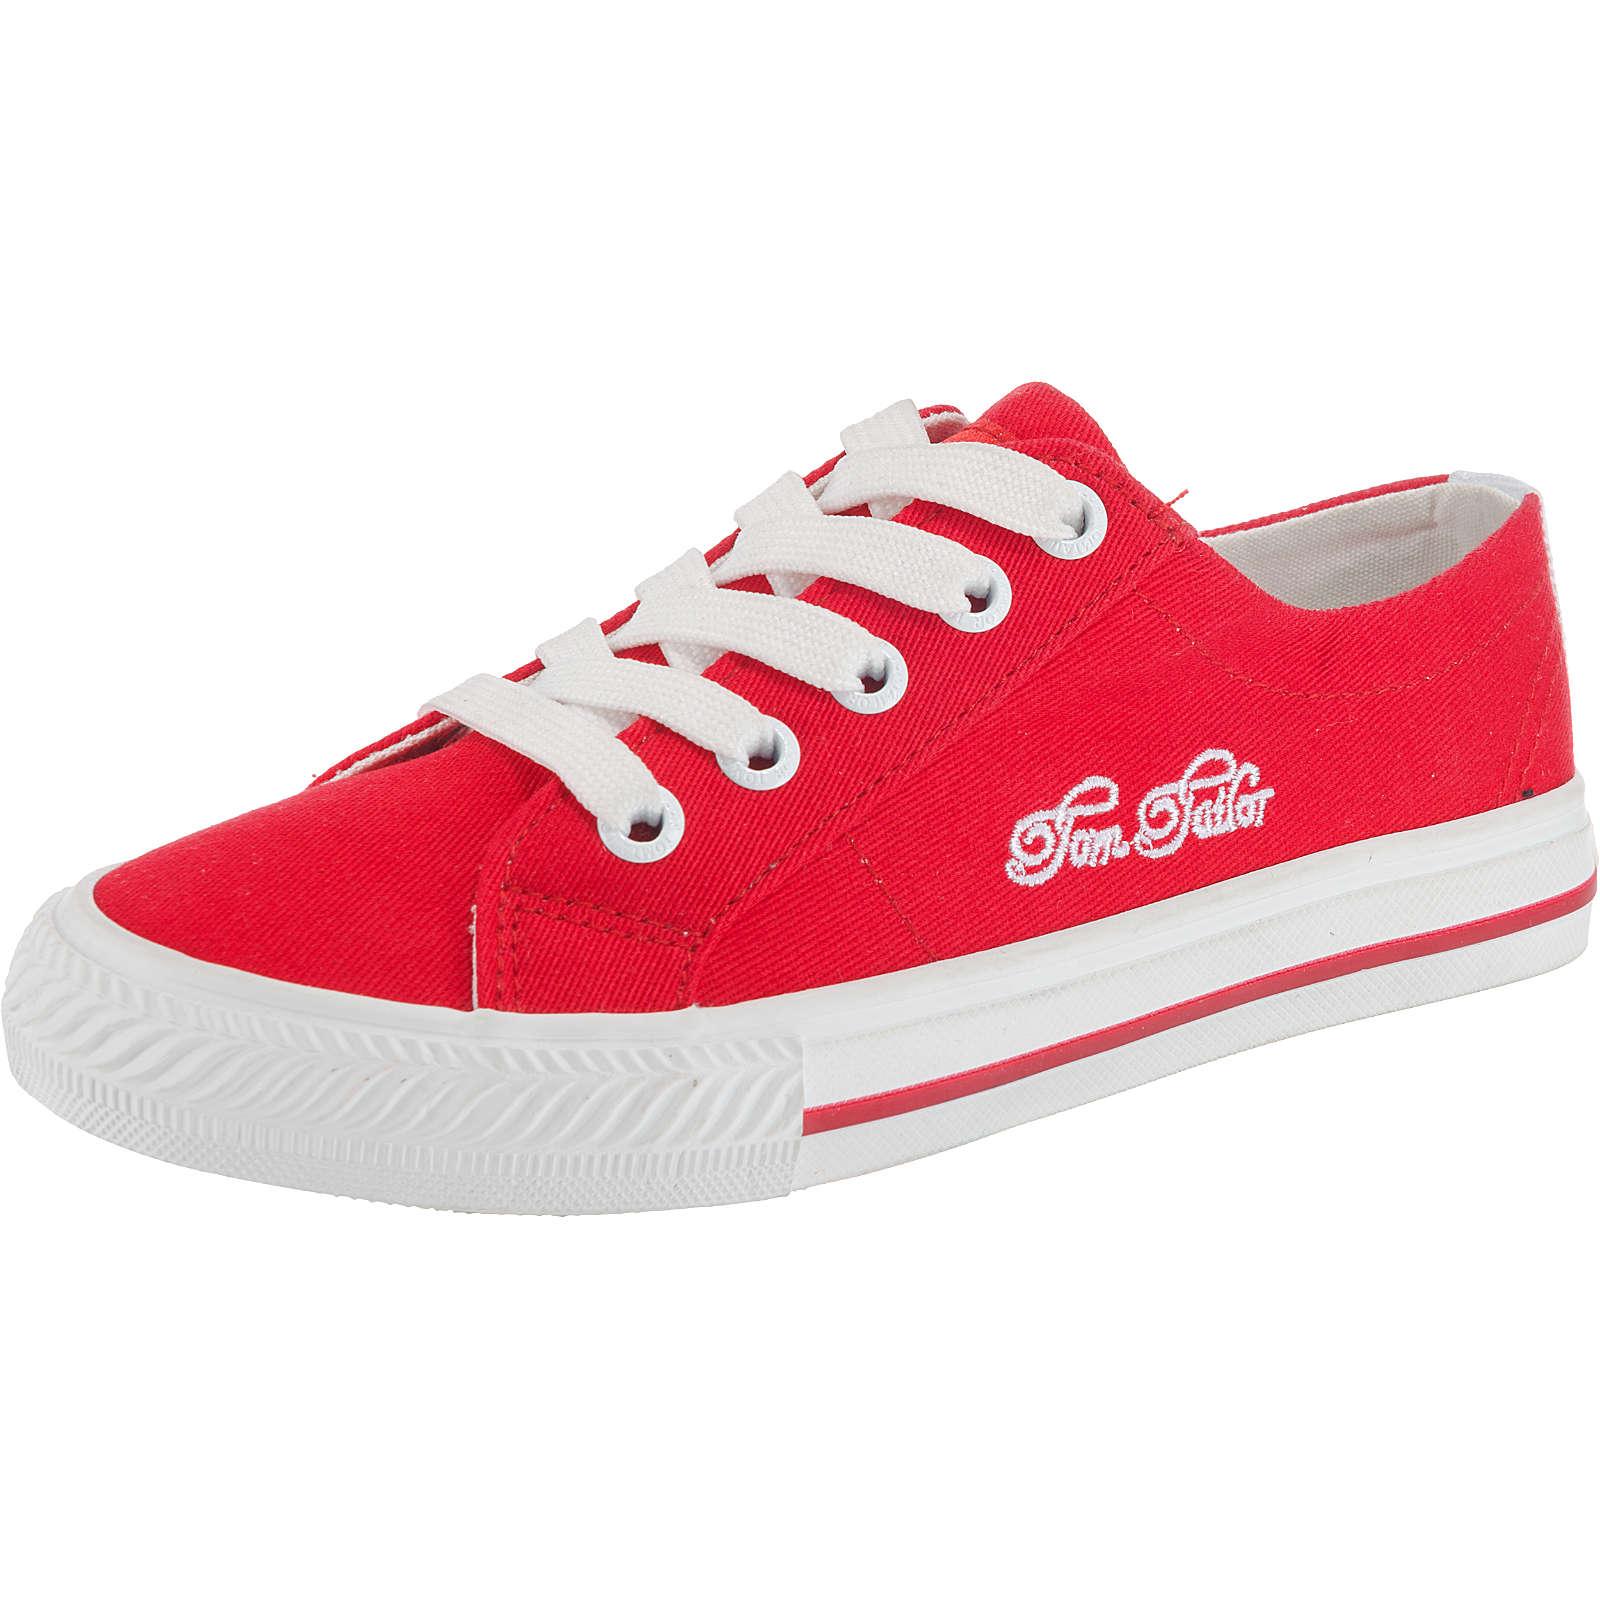 TOM TAILOR Kinder Sneakers rot Gr. 33